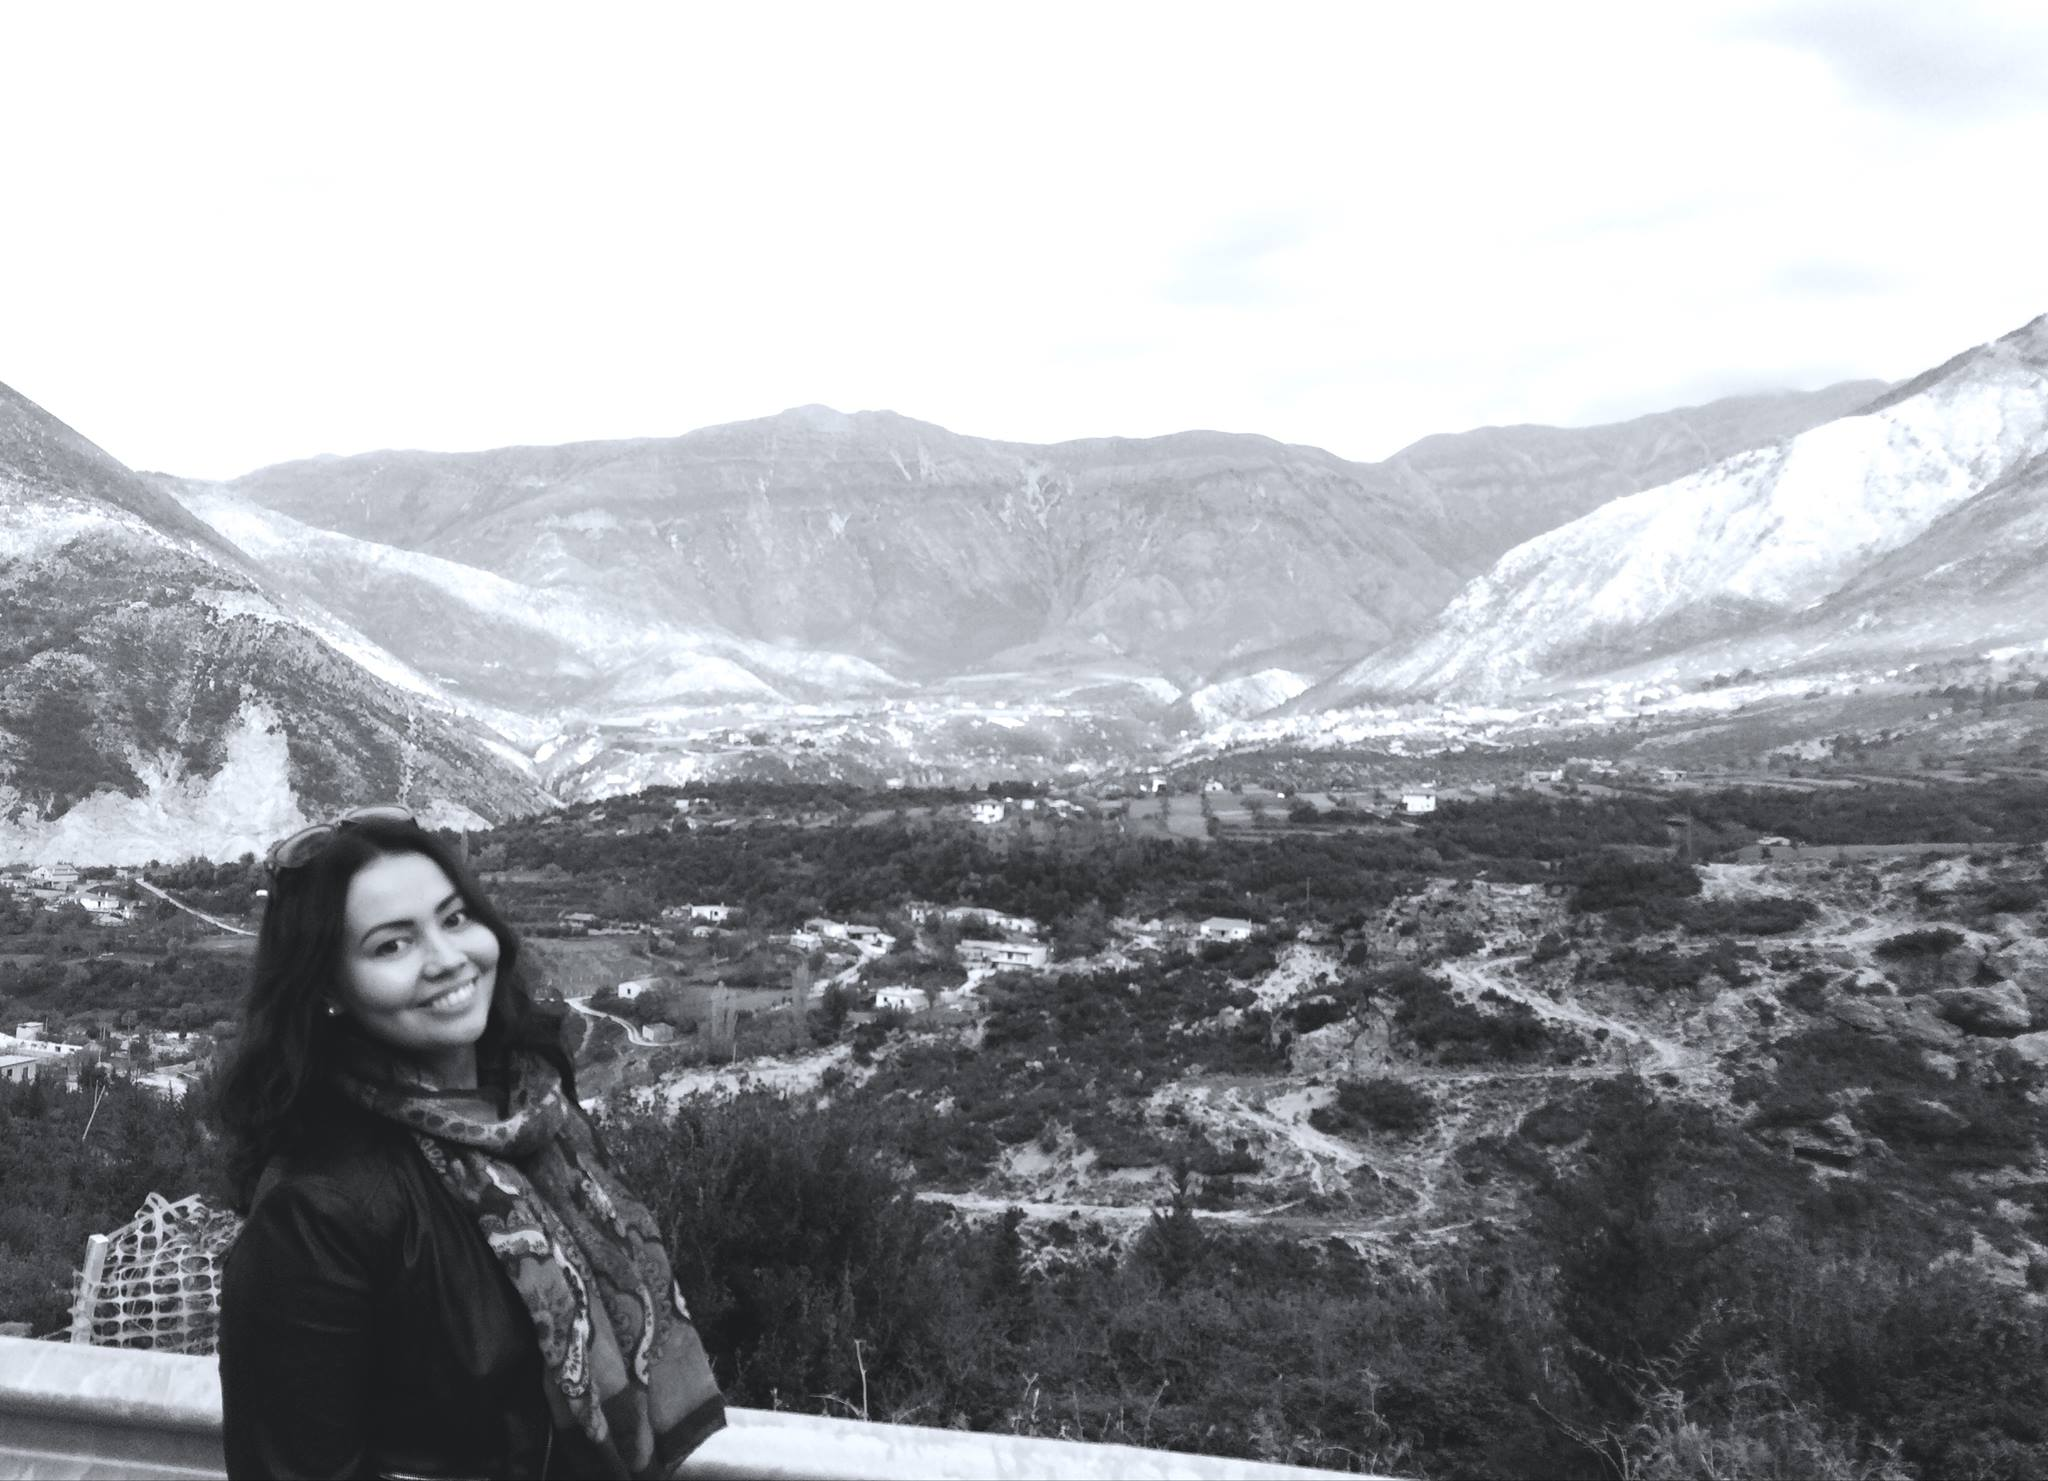 Kuva otettu matkalla Vlorasta Llogoraan marraskuun alussa, jolloin olimme nousseet autolla vasta 500m korkeuteen, mutta maisemat sisämään puolella olivat jo upeat. Kuva: Arsen Duraj